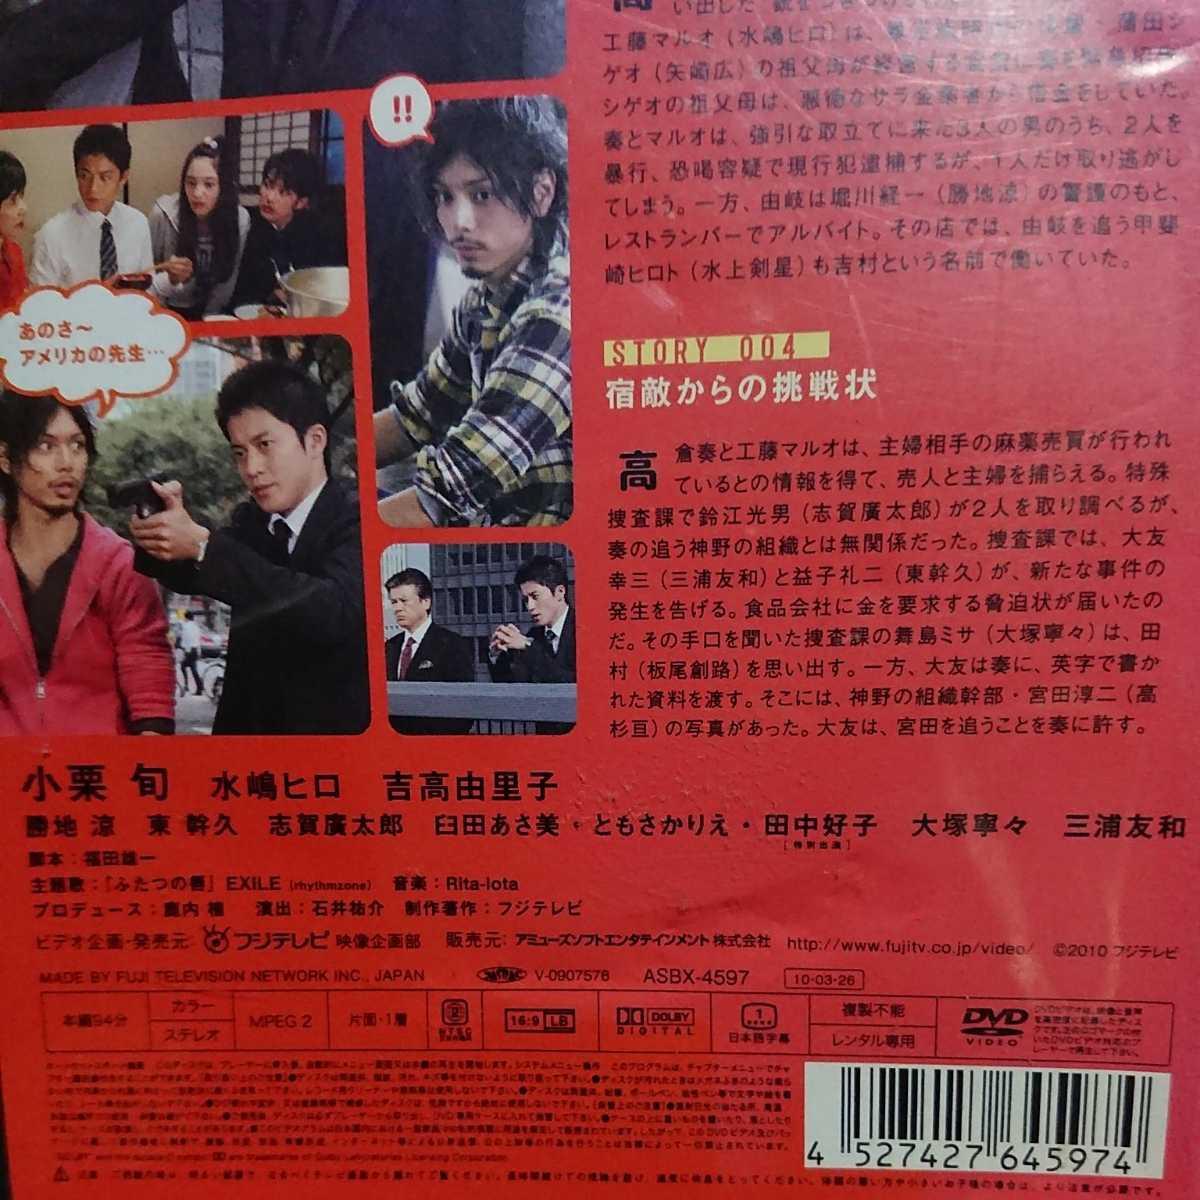 東京DOGS ディレクターズカット版 レンタルDVD Vol.2 小栗旬、水嶋ヒロ、吉高由里子